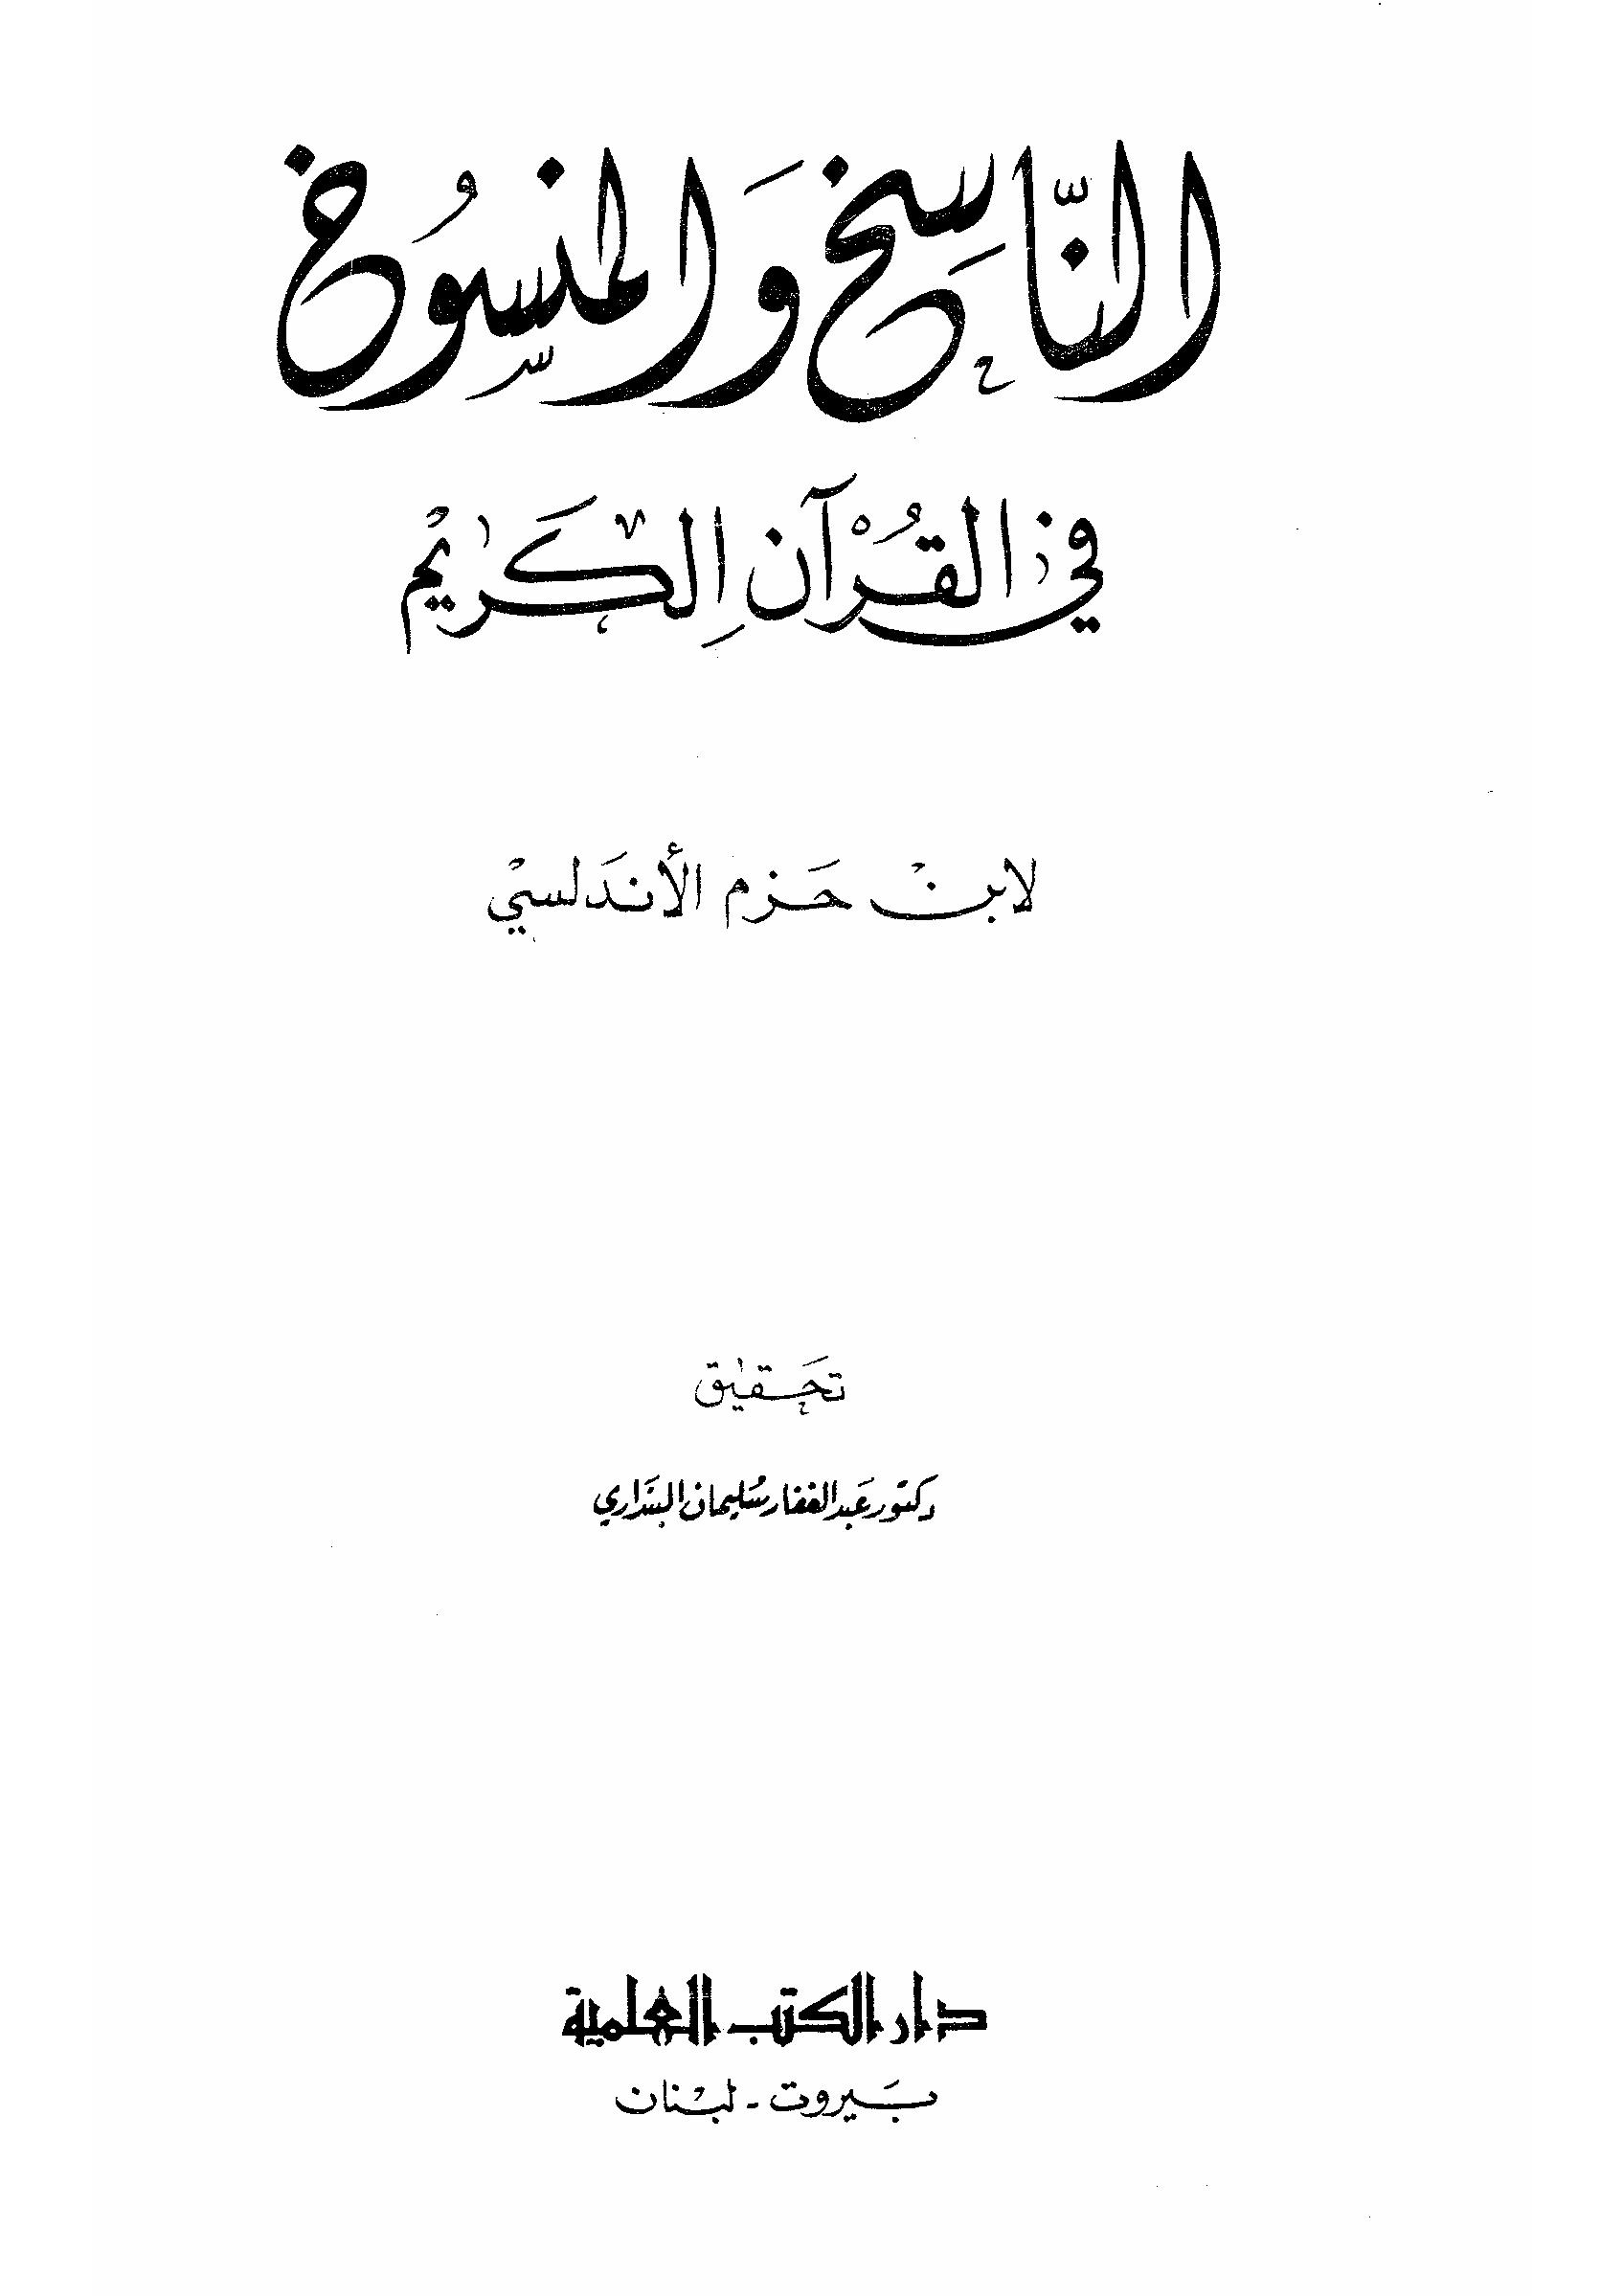 تحميل كتاب الناسخ والمنسوخ في القرآن الكريم (ابن حزم) لـِ: أبو عبد الله محمد ابن حزم